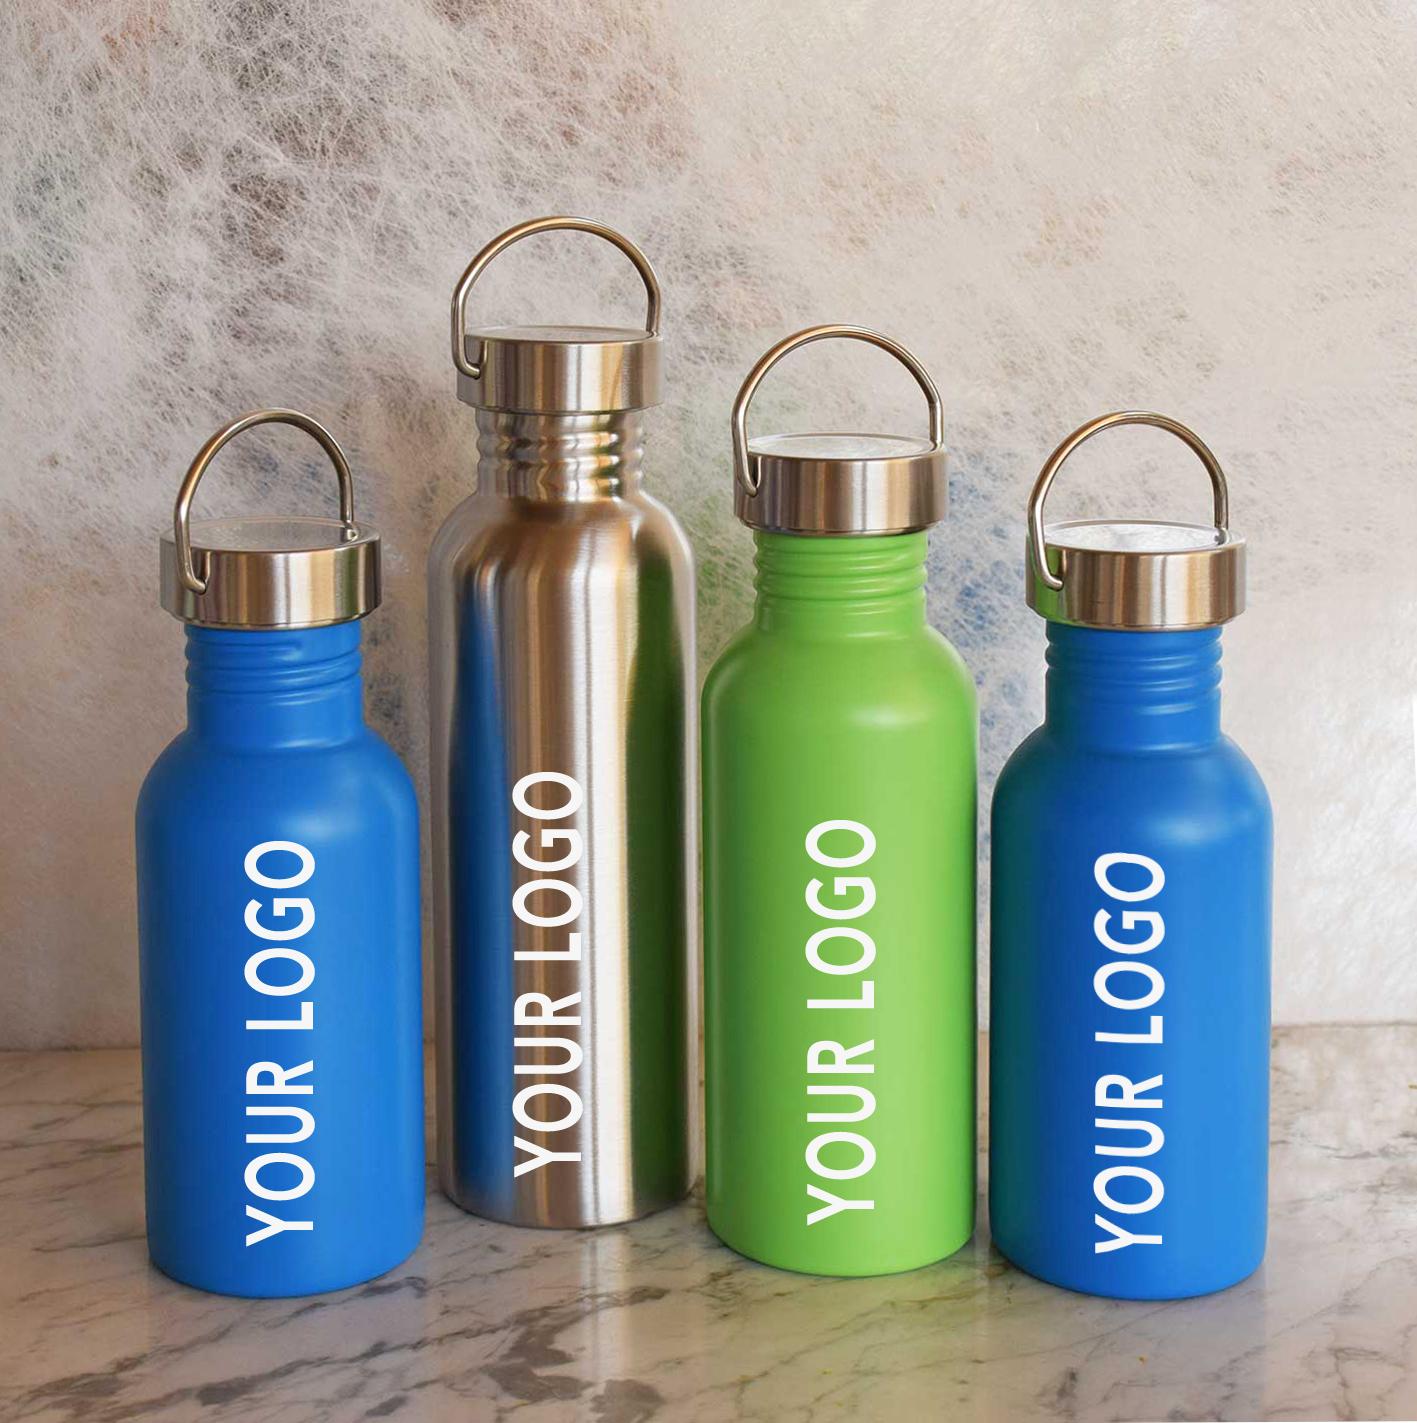 Borracce termiche personalizzate, acquista online sul sito, stampiamo il tuo logo anche per singole copie